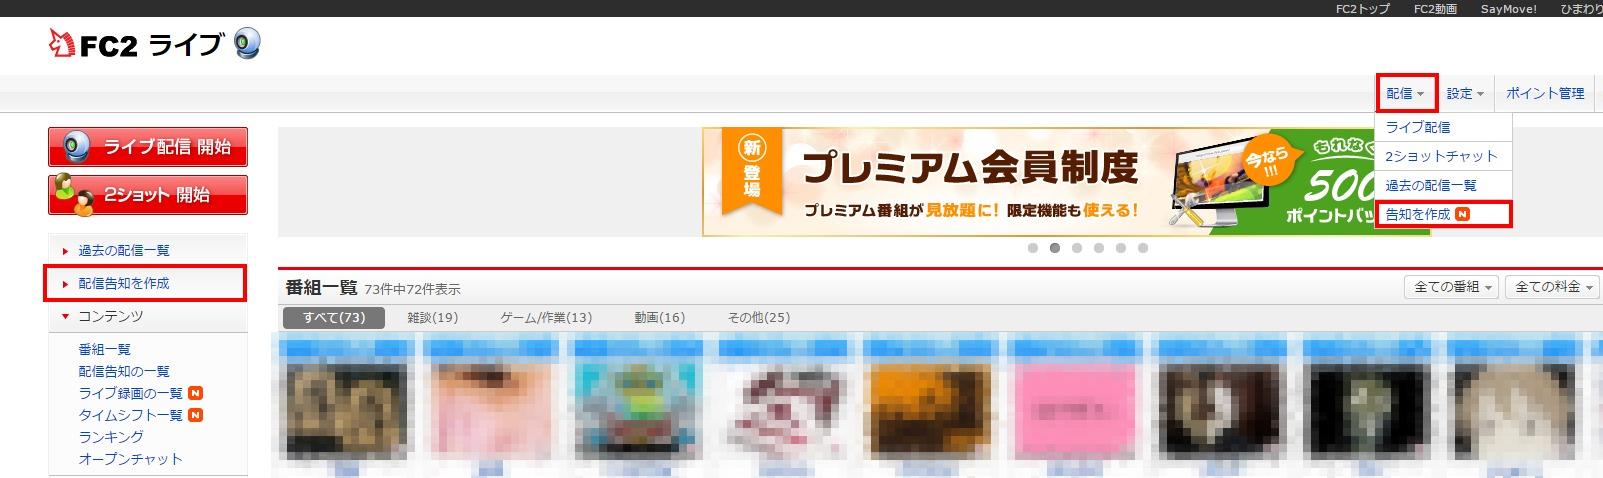 fc2livekokuchi01